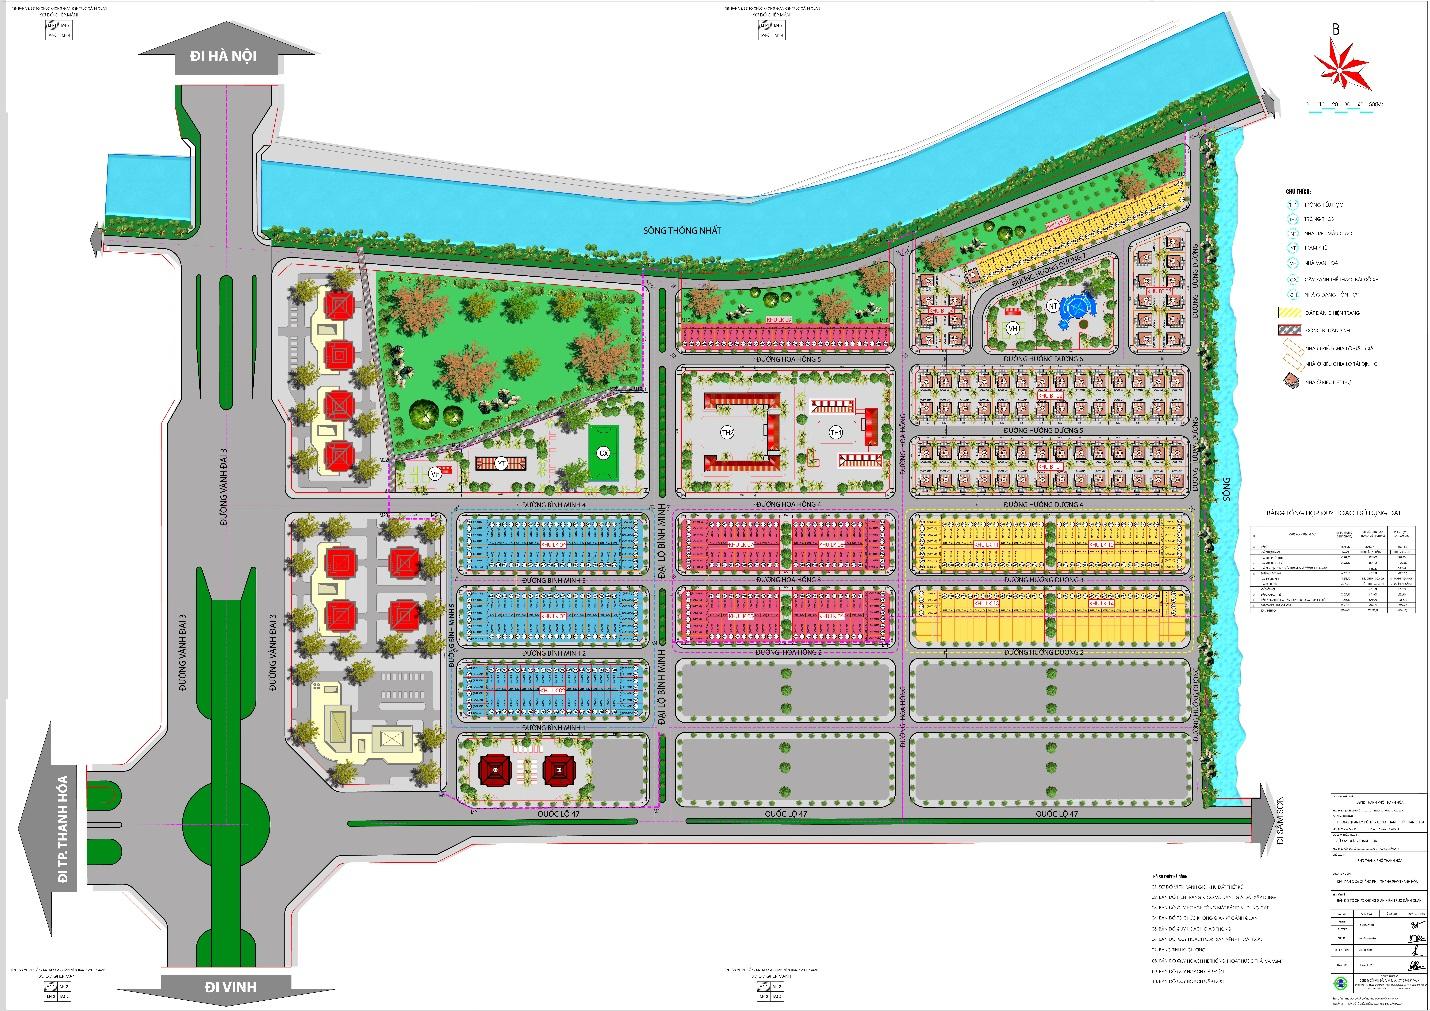 Nhiều dự án bất động sản hưởng lợi lớn từ quy hoạch chung xây dựng thành phố Thanh Hóa đến 2025 tầm nhìn 2035 - Ảnh 2